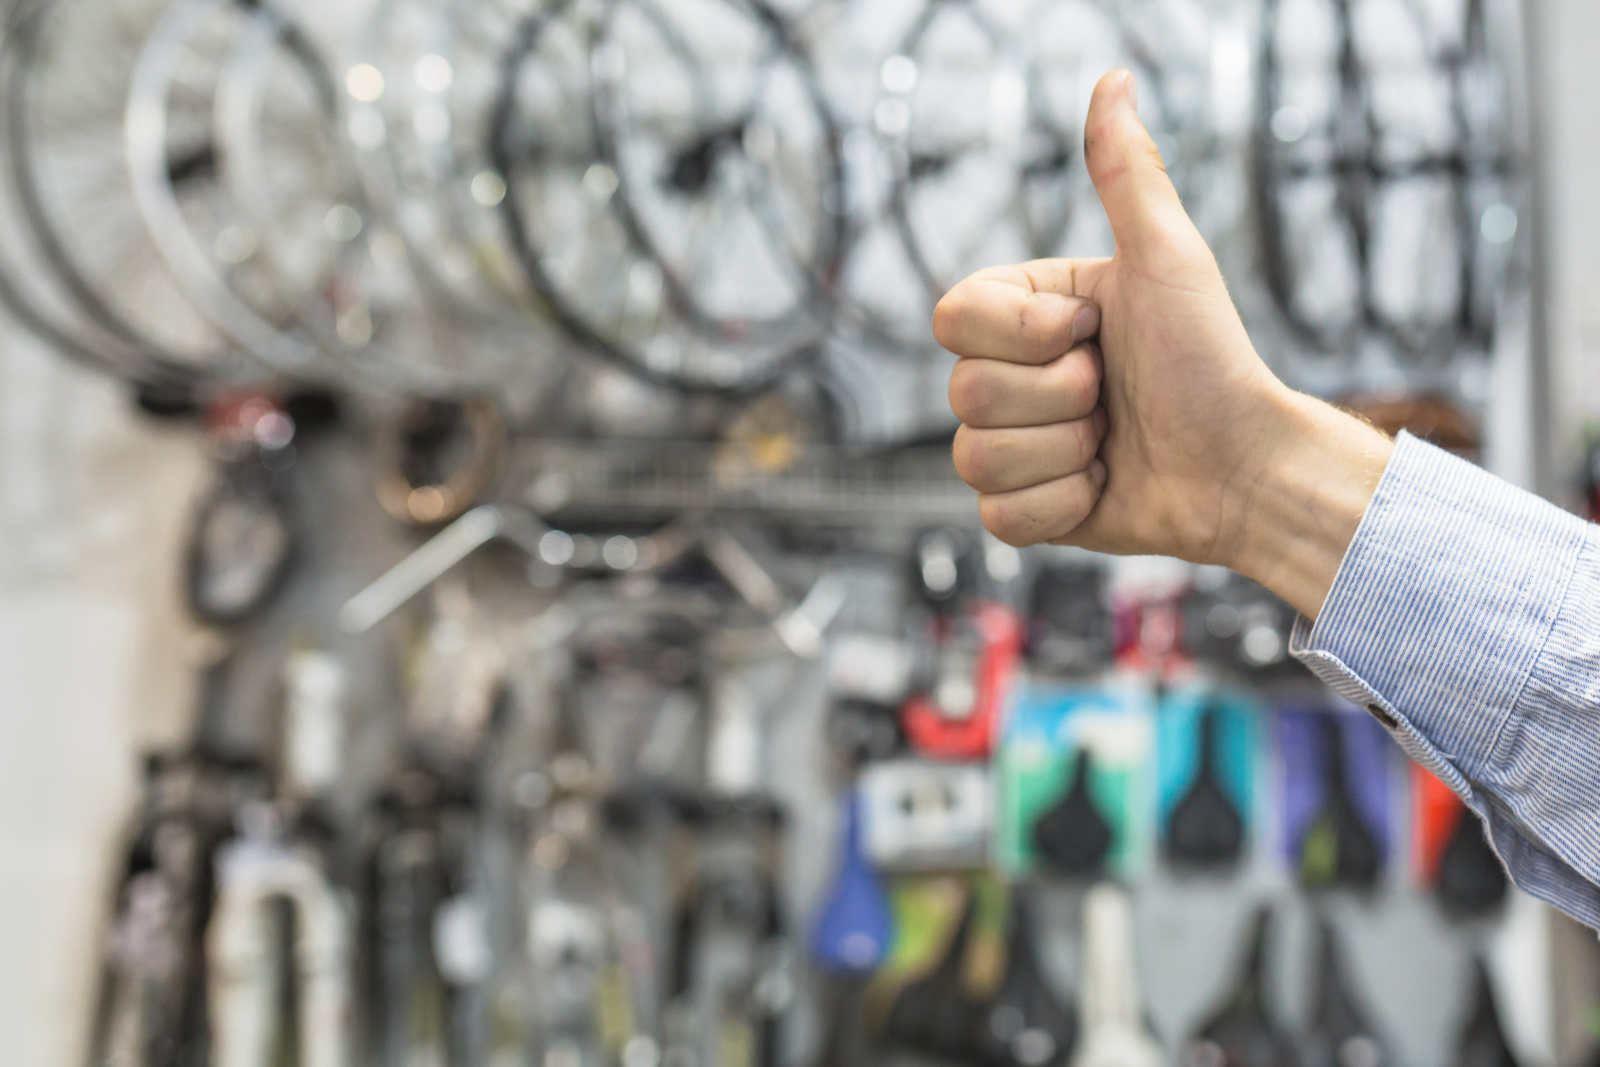 Trek Bicycle of Leederville